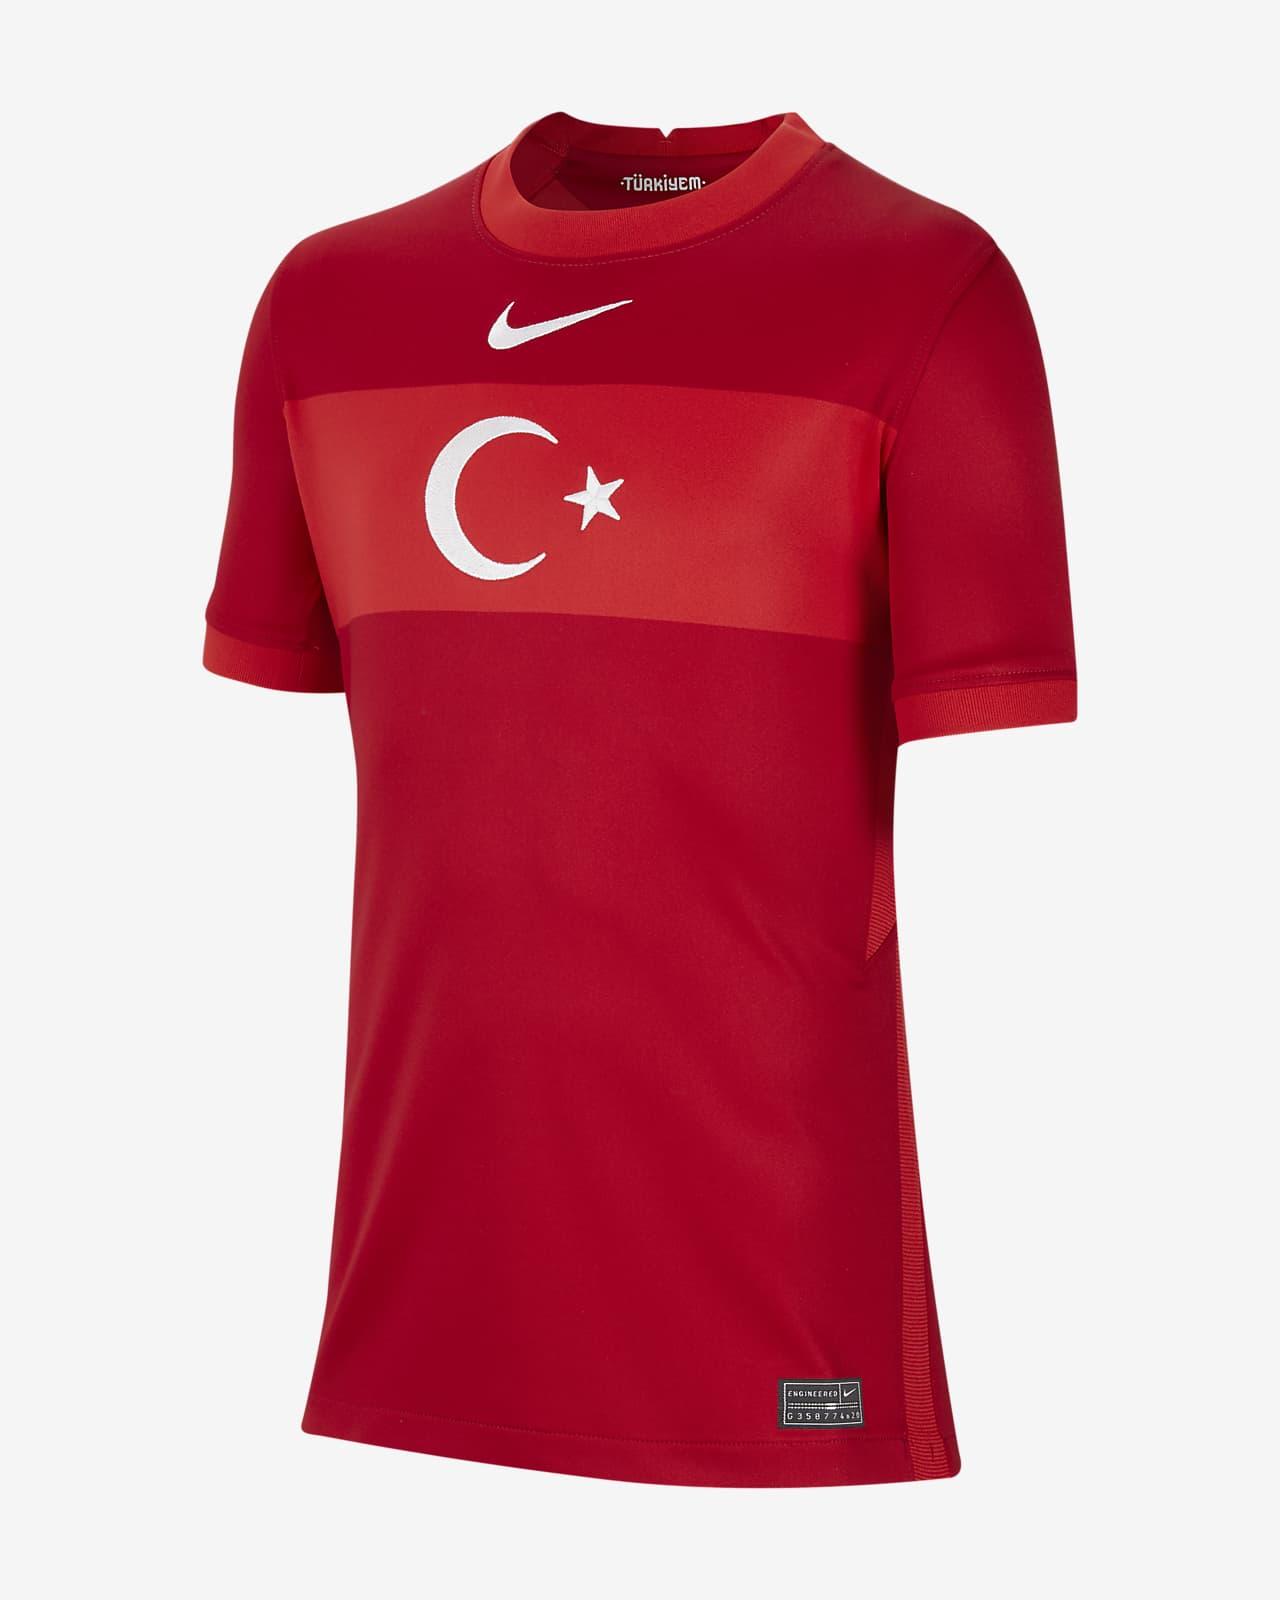 grieta Serena Regeneración  Camiseta de fútbol para niños talla grande Turkey 2020 Stadium Away. Nike CL